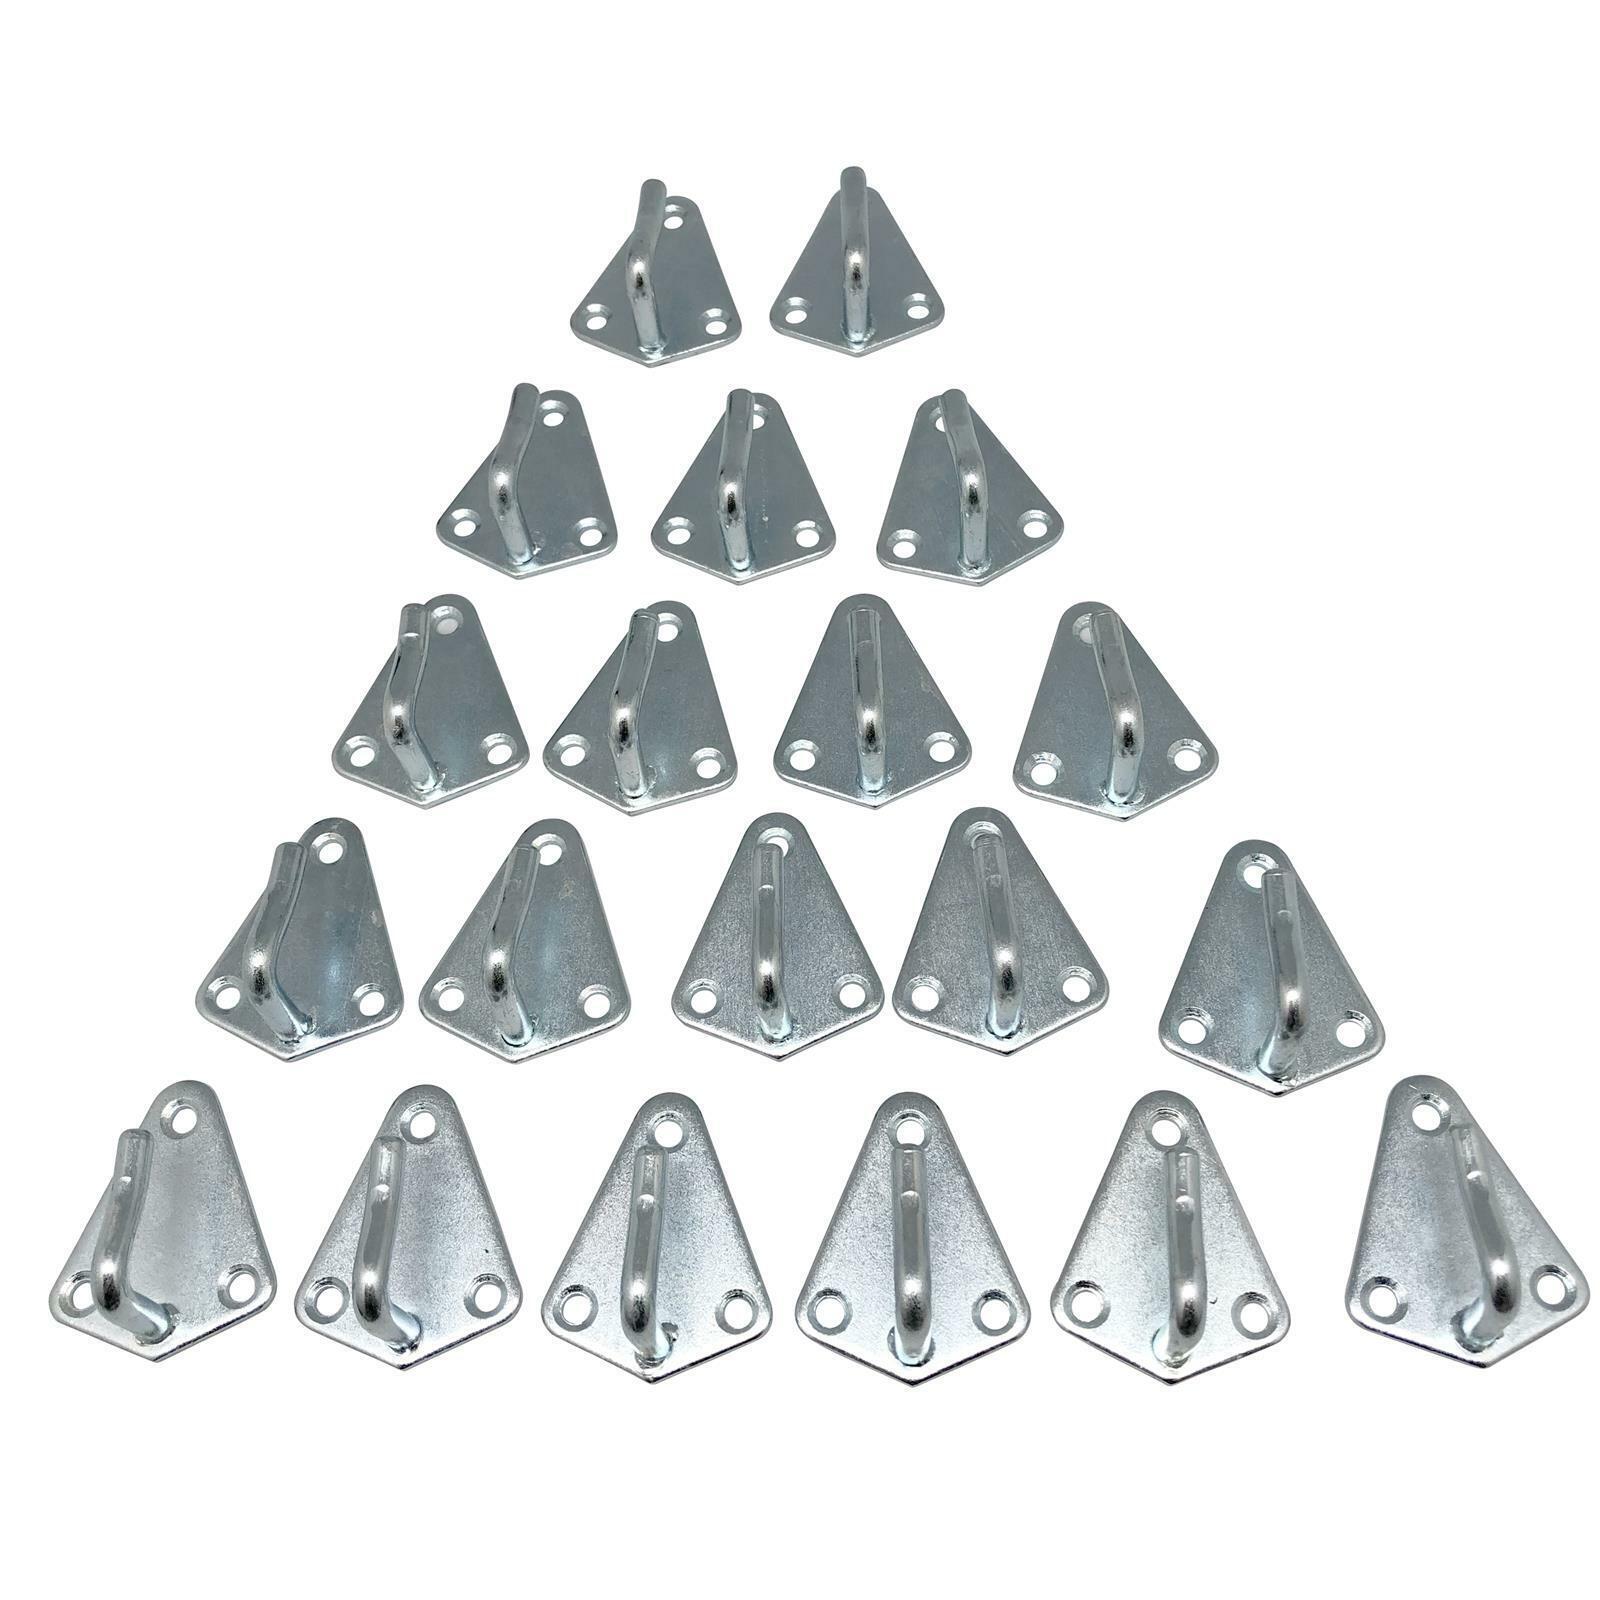 20 x Dreiloch Planenhaken Abspann  Haken  Guss für Anhängernetz Netz Anhänger